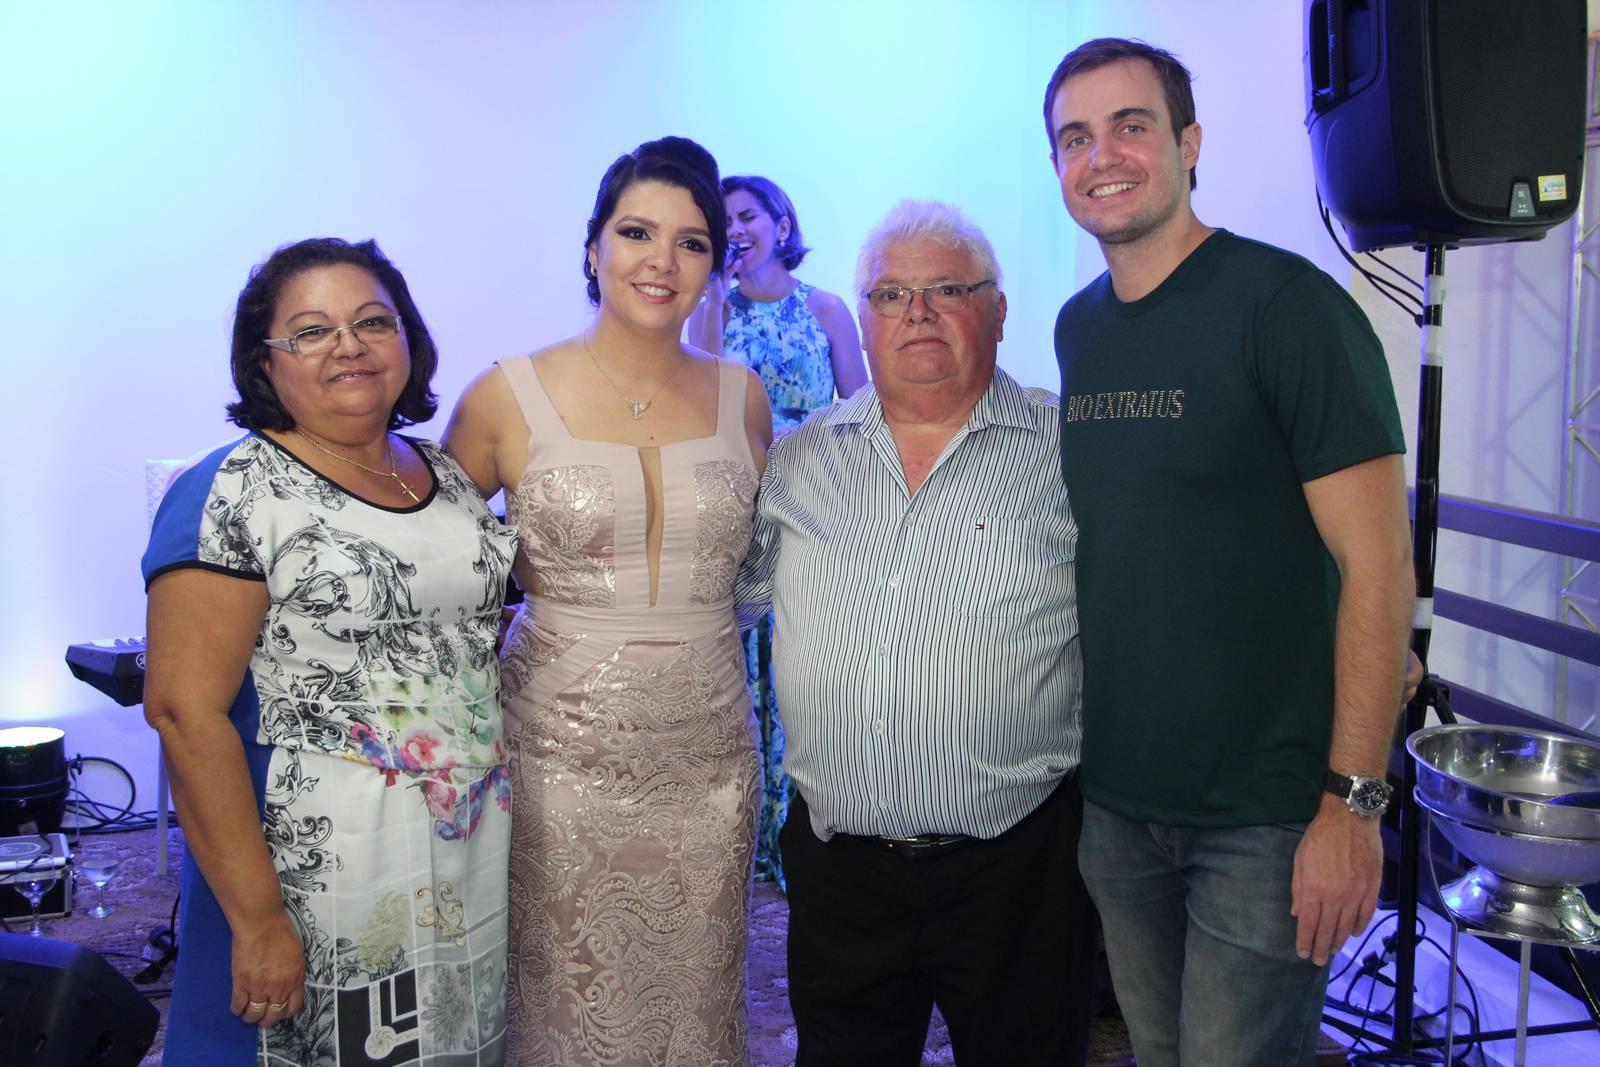 Inauguração da Distribuidora Karla Cosméticos - Bio Extratus (261)